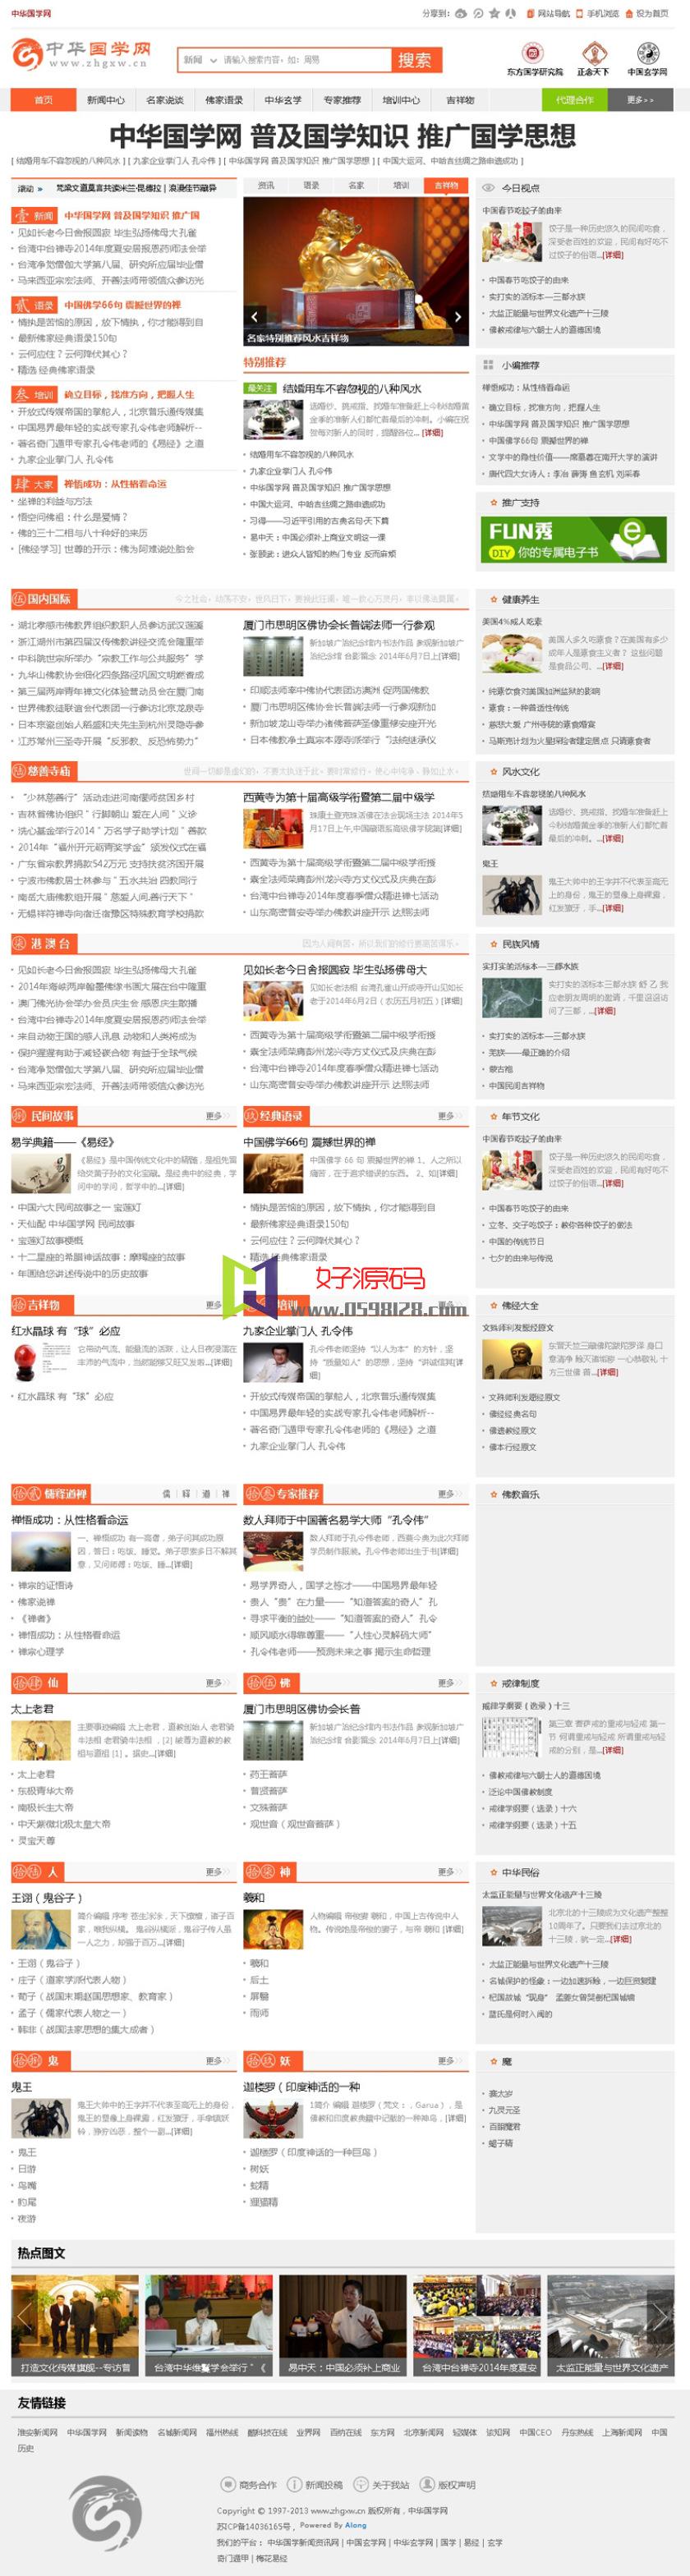 DEDECMS仿中华国学网模板 新闻资讯网站模板 织梦模板